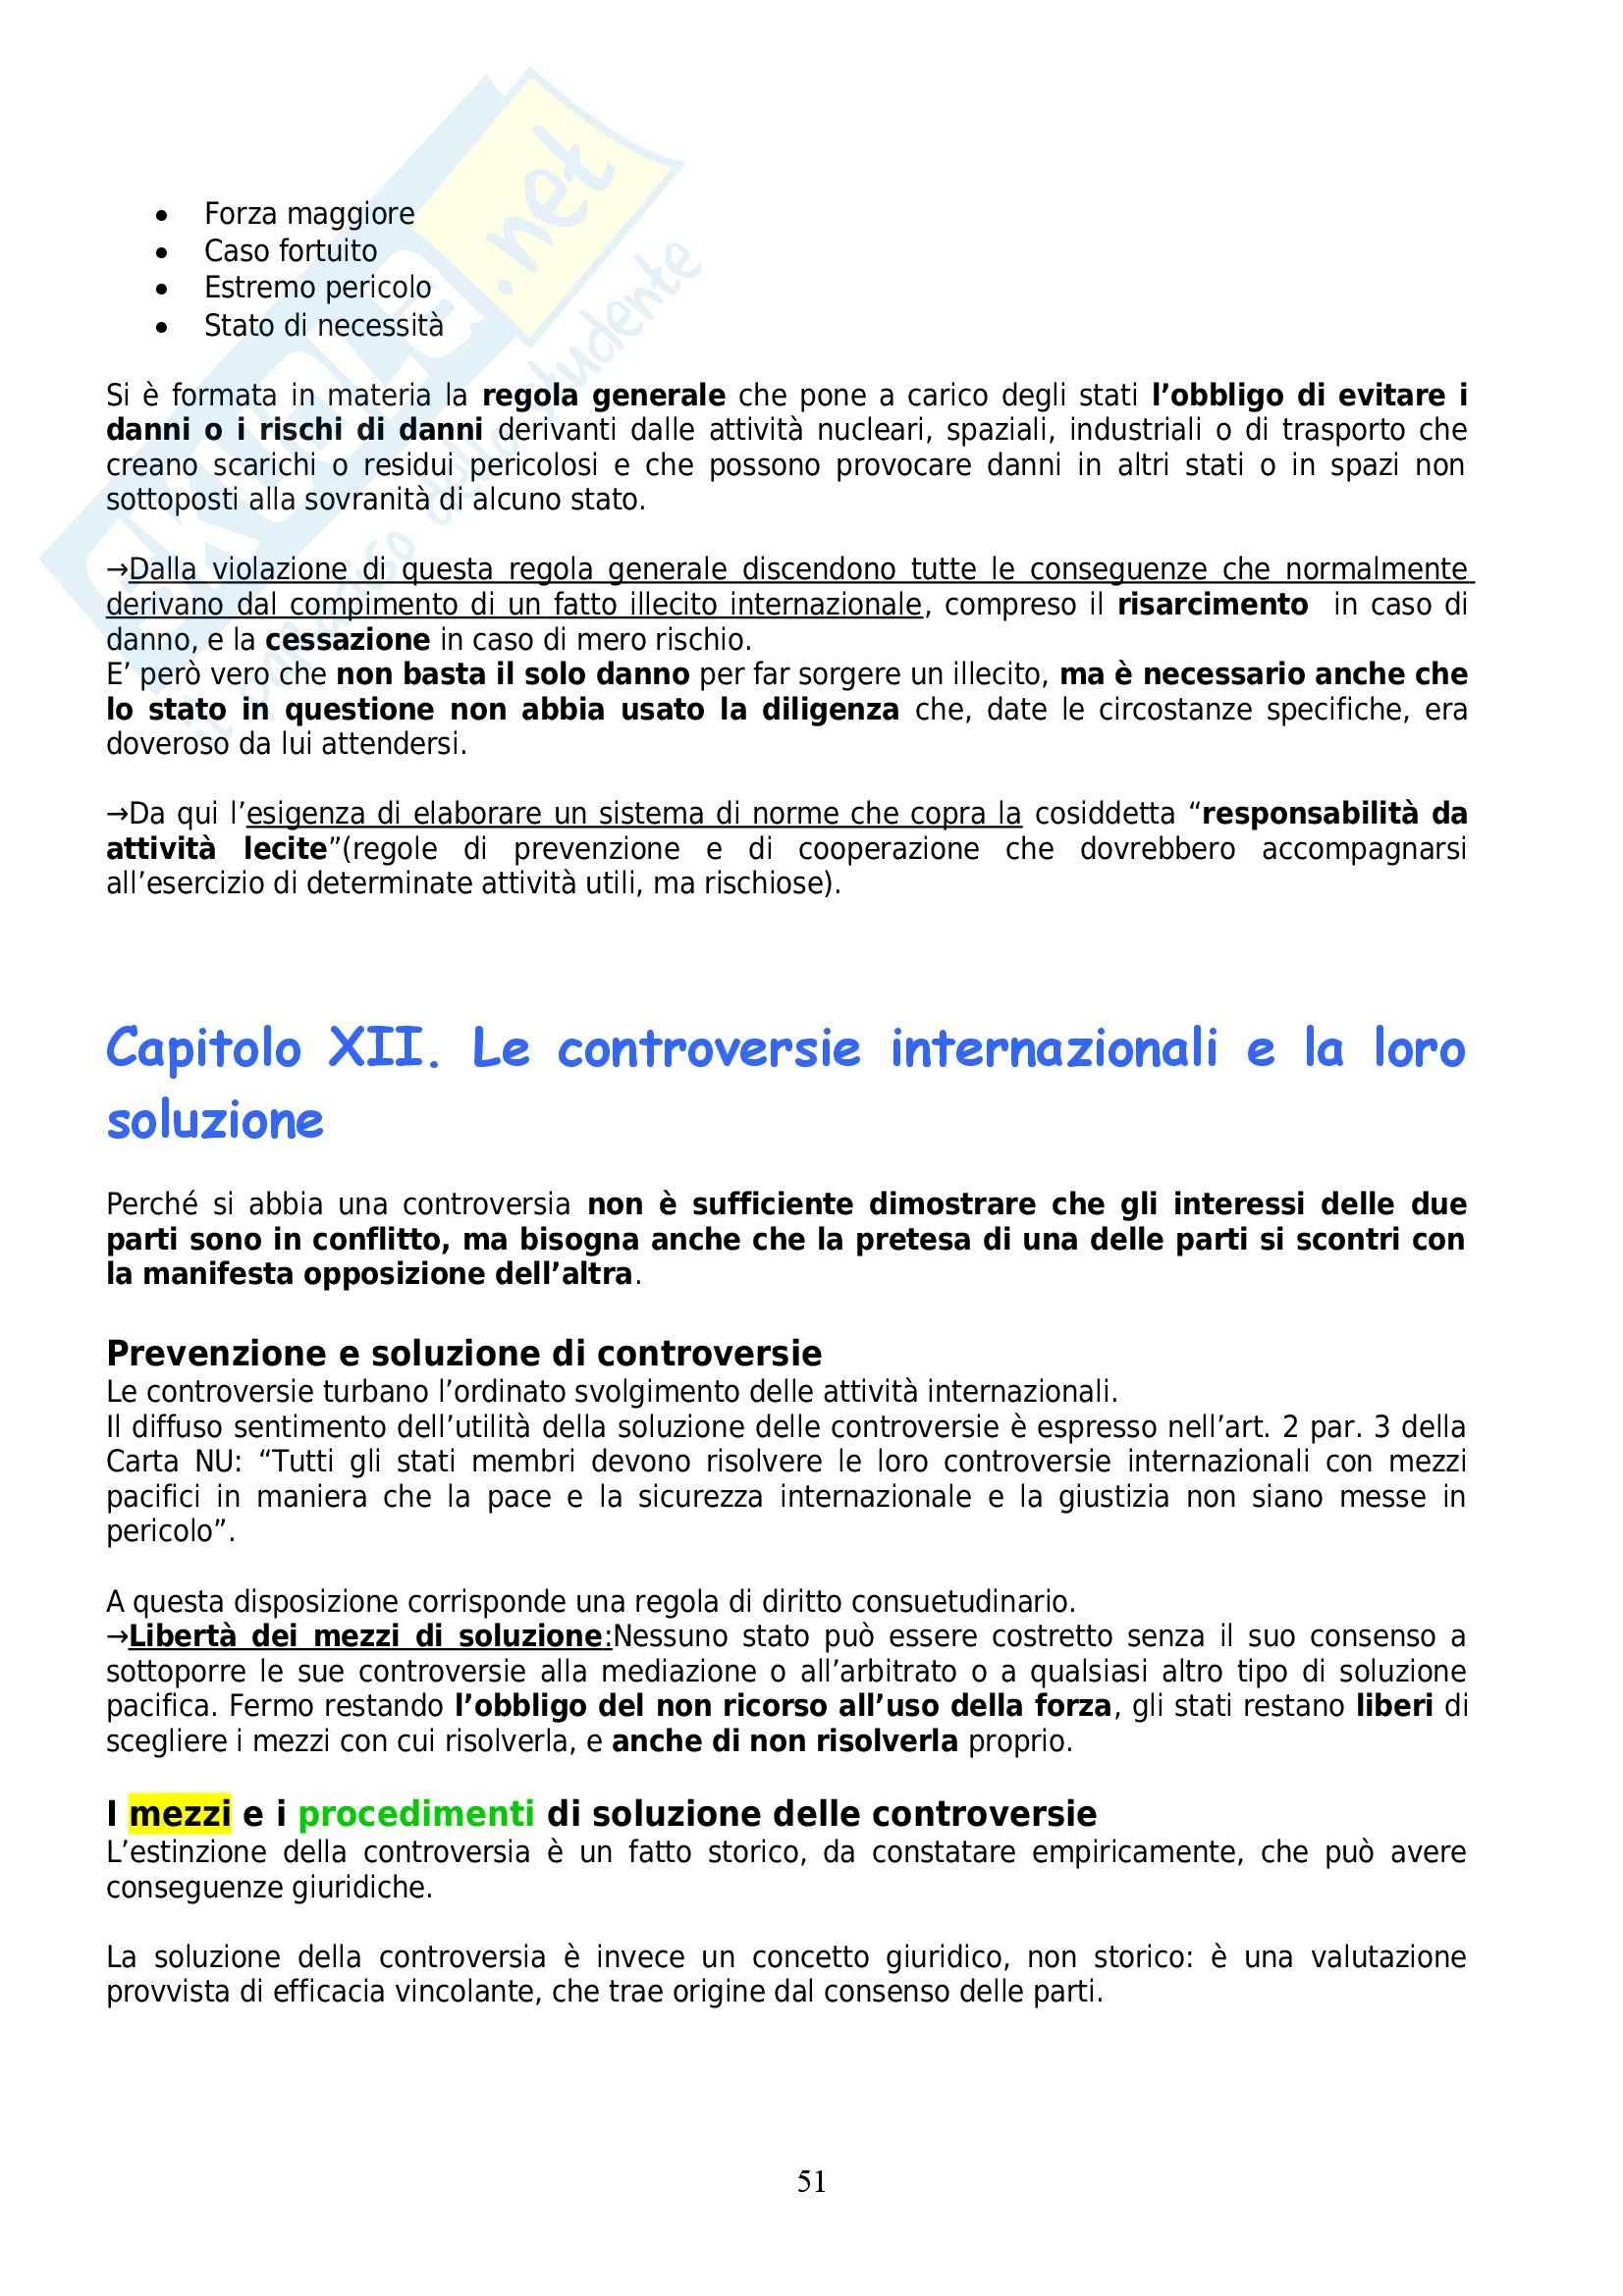 Diritto internazionale - problemi fondamentali Pag. 51